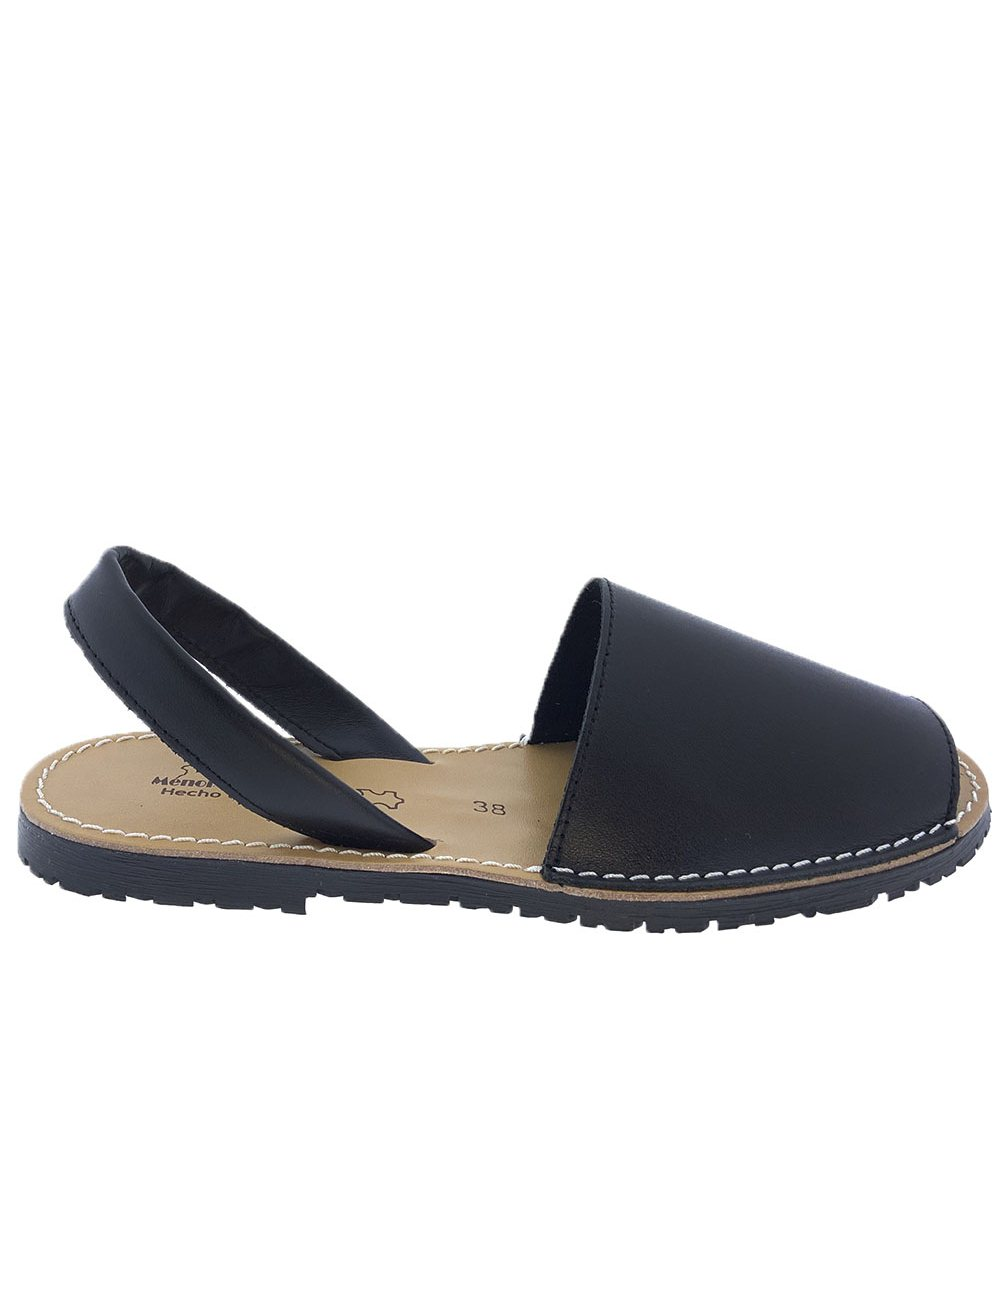 Sandalias Menorquinas Negro